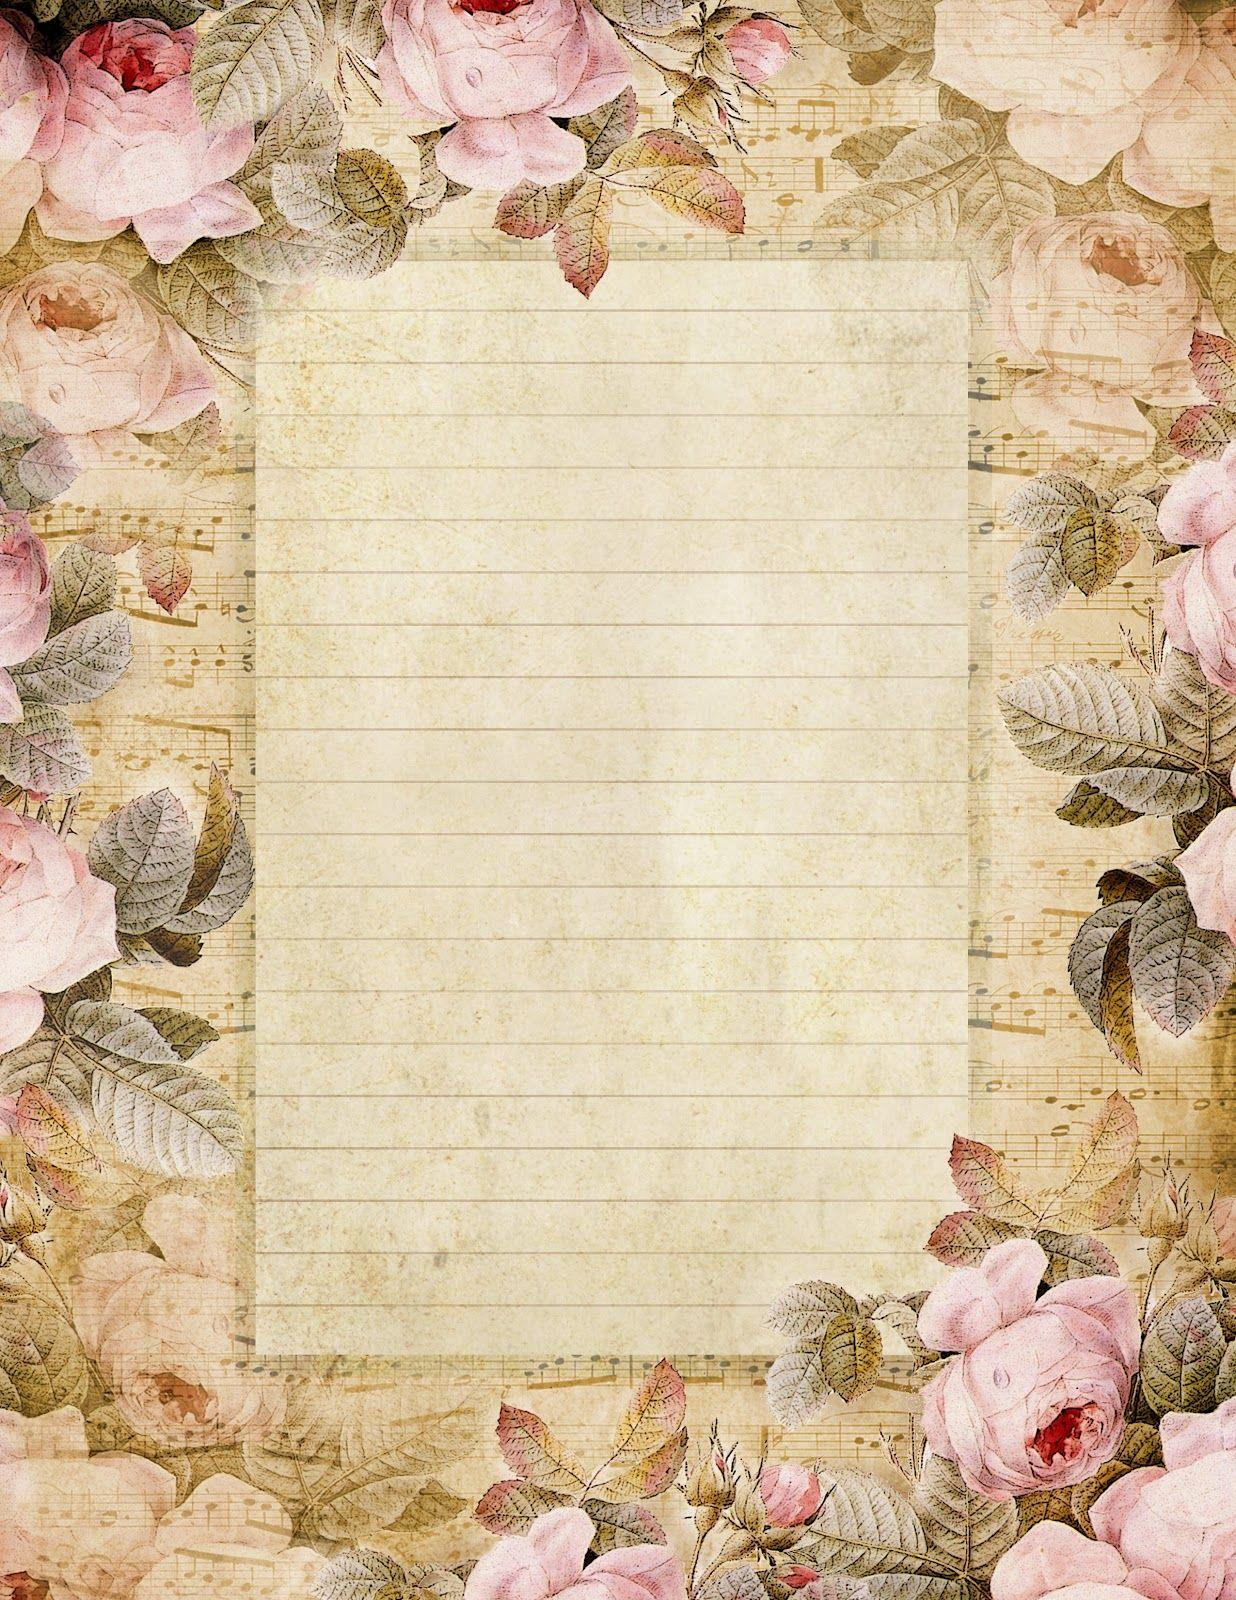 Фоны для открыток и писем